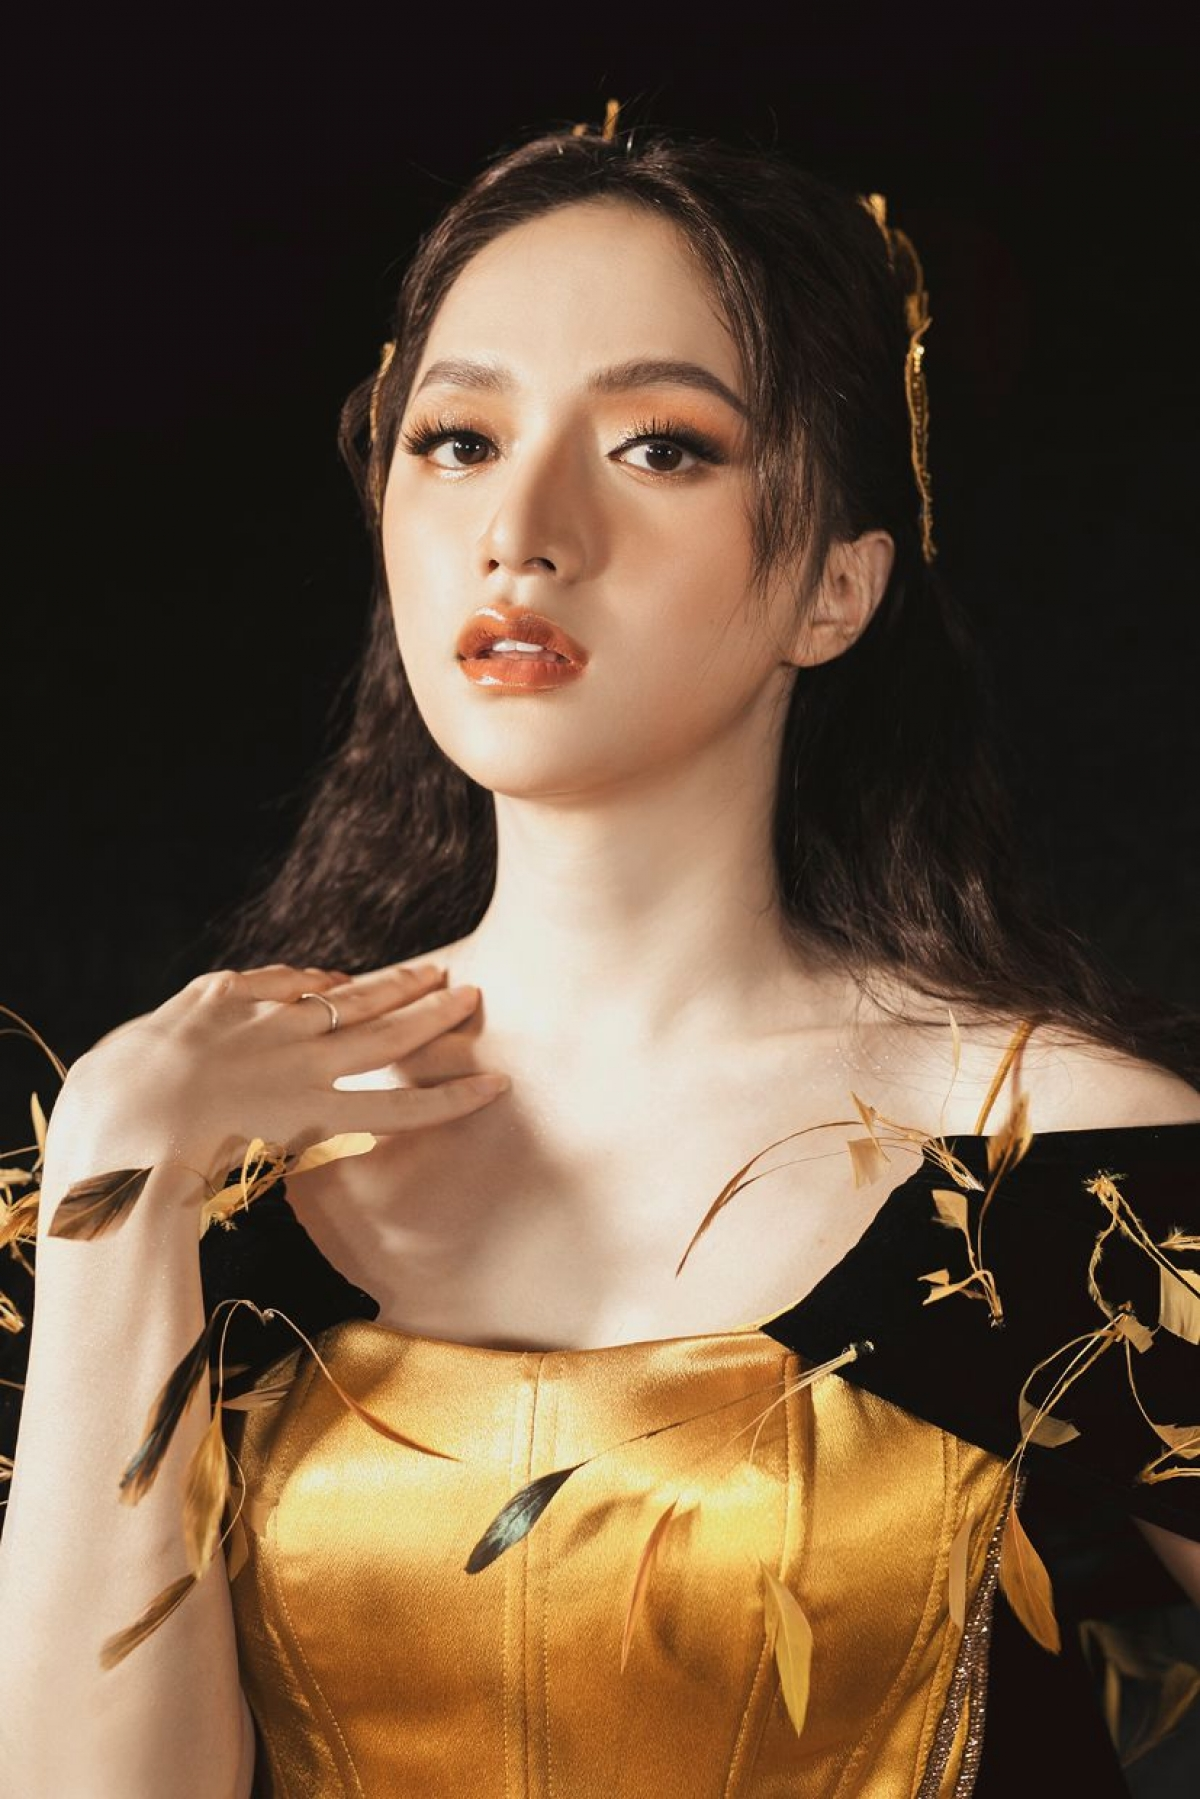 Người đẹp xuất hiệnrạng rỡtrong bộ trang phục lộng lẫy cùng phong thái trình diễn tự tin và thần thái thuhút. Sự xuất hiện của Hương Giang và phần trình diễn của những người mẫu nhí đã khép lại một đêm trình diễn đầy ấn tượng, nhiều màu sắc của Vietnam Junior Fashion Week Thu Đông 2020.